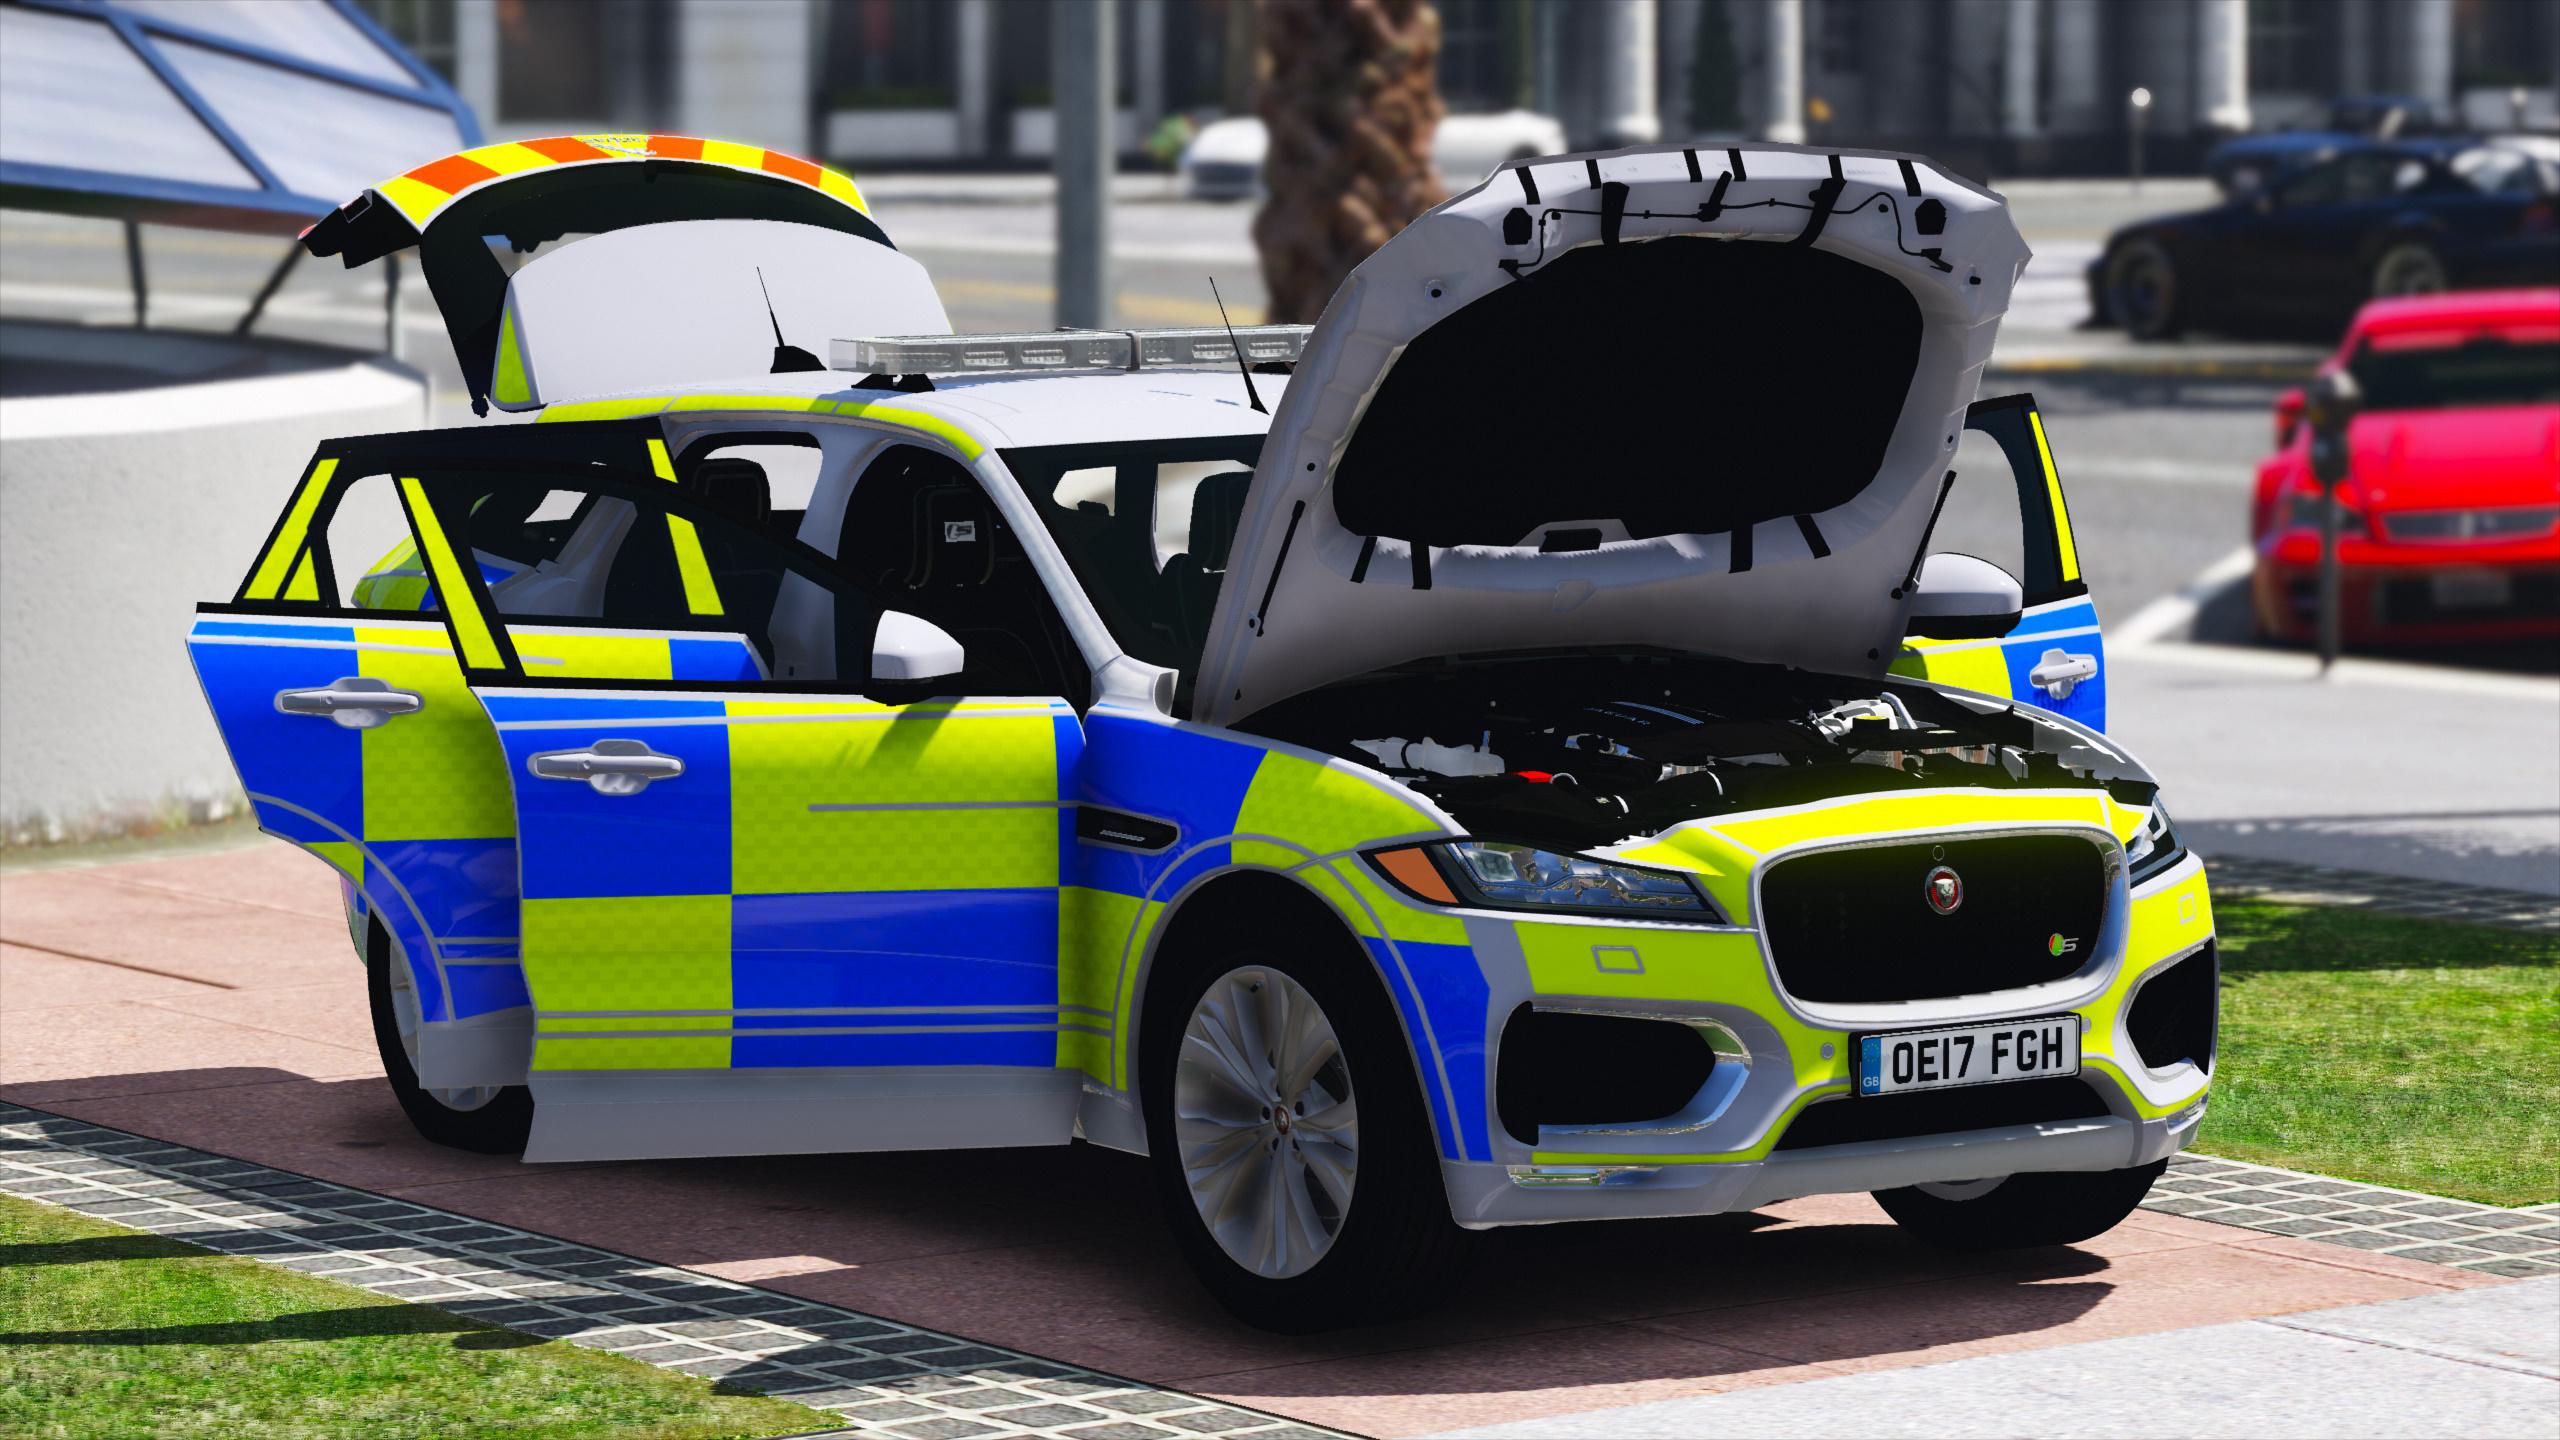 2017 Police Jaguar F Pace Els Pack Gta5 Mods Com